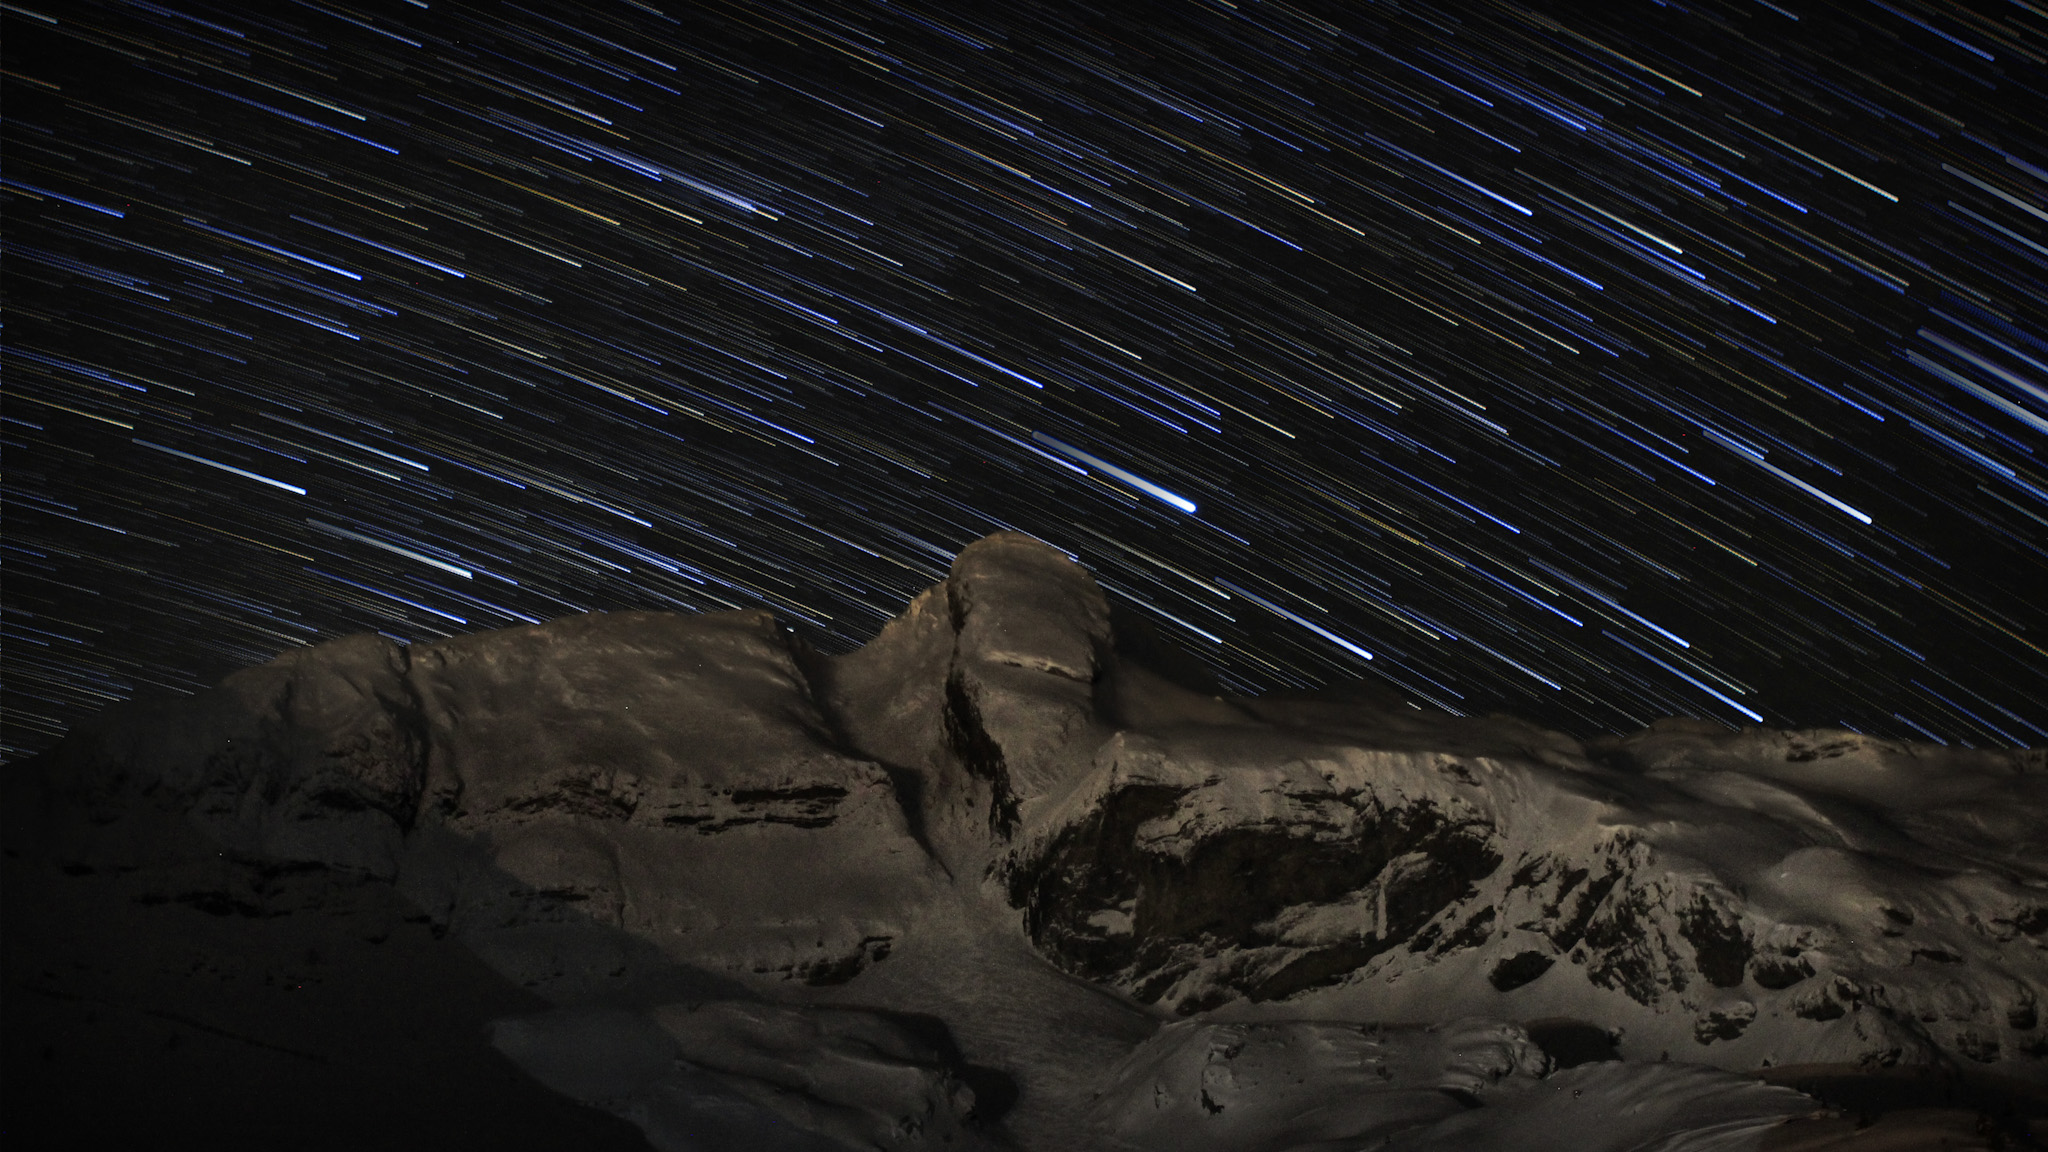 La Zapatilla - Fotos del Valle del Aragón, Mikel Besga